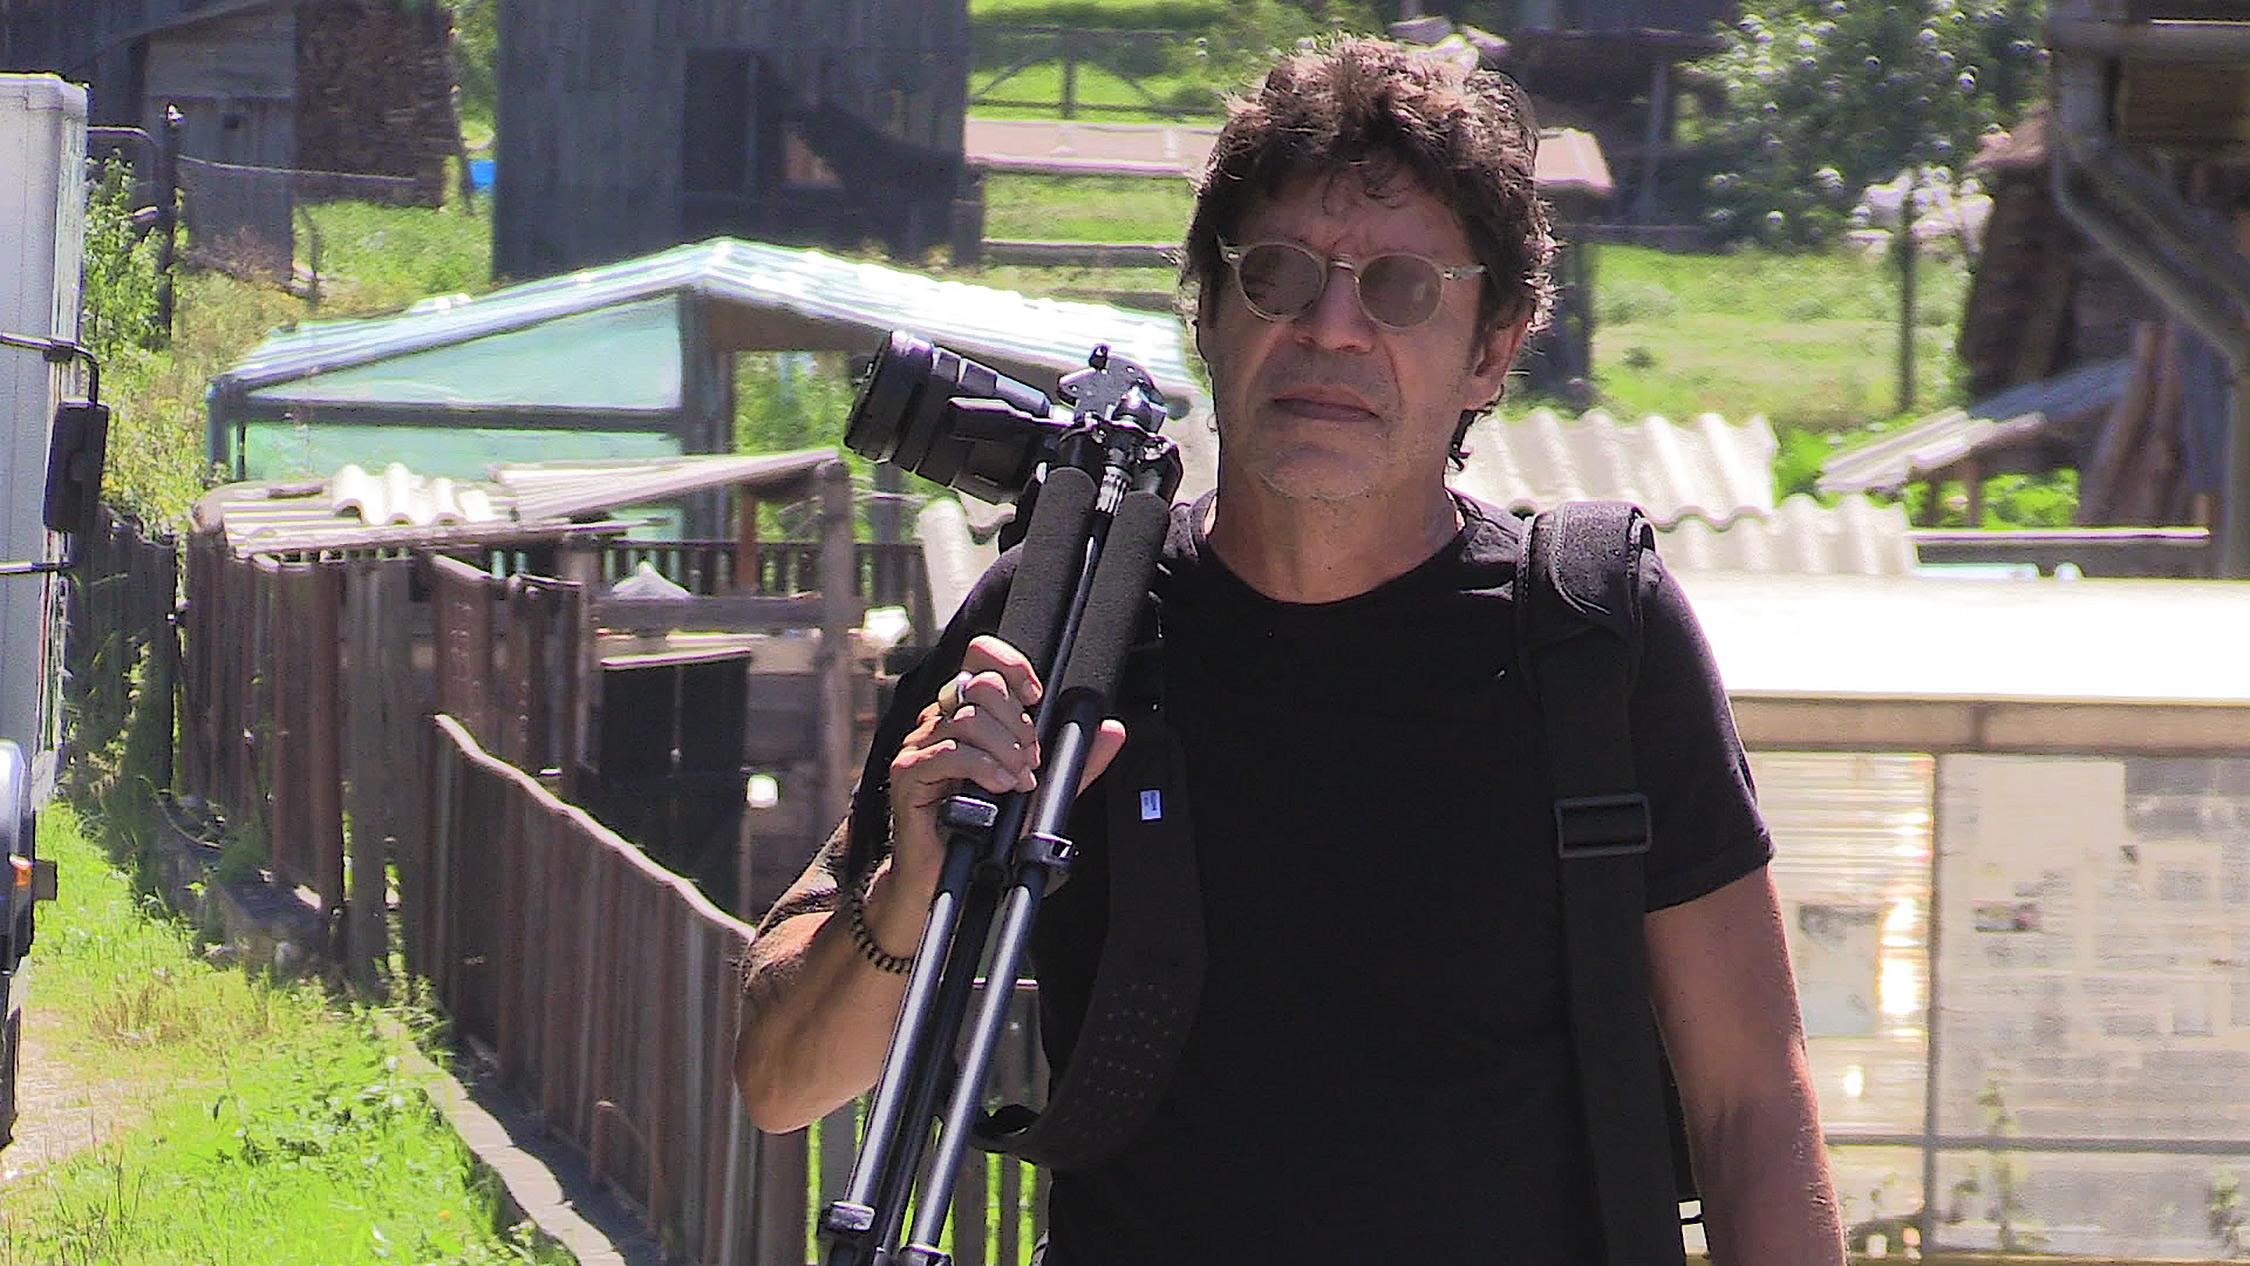 Pictured: Videographer and Professor, Edin Velez.